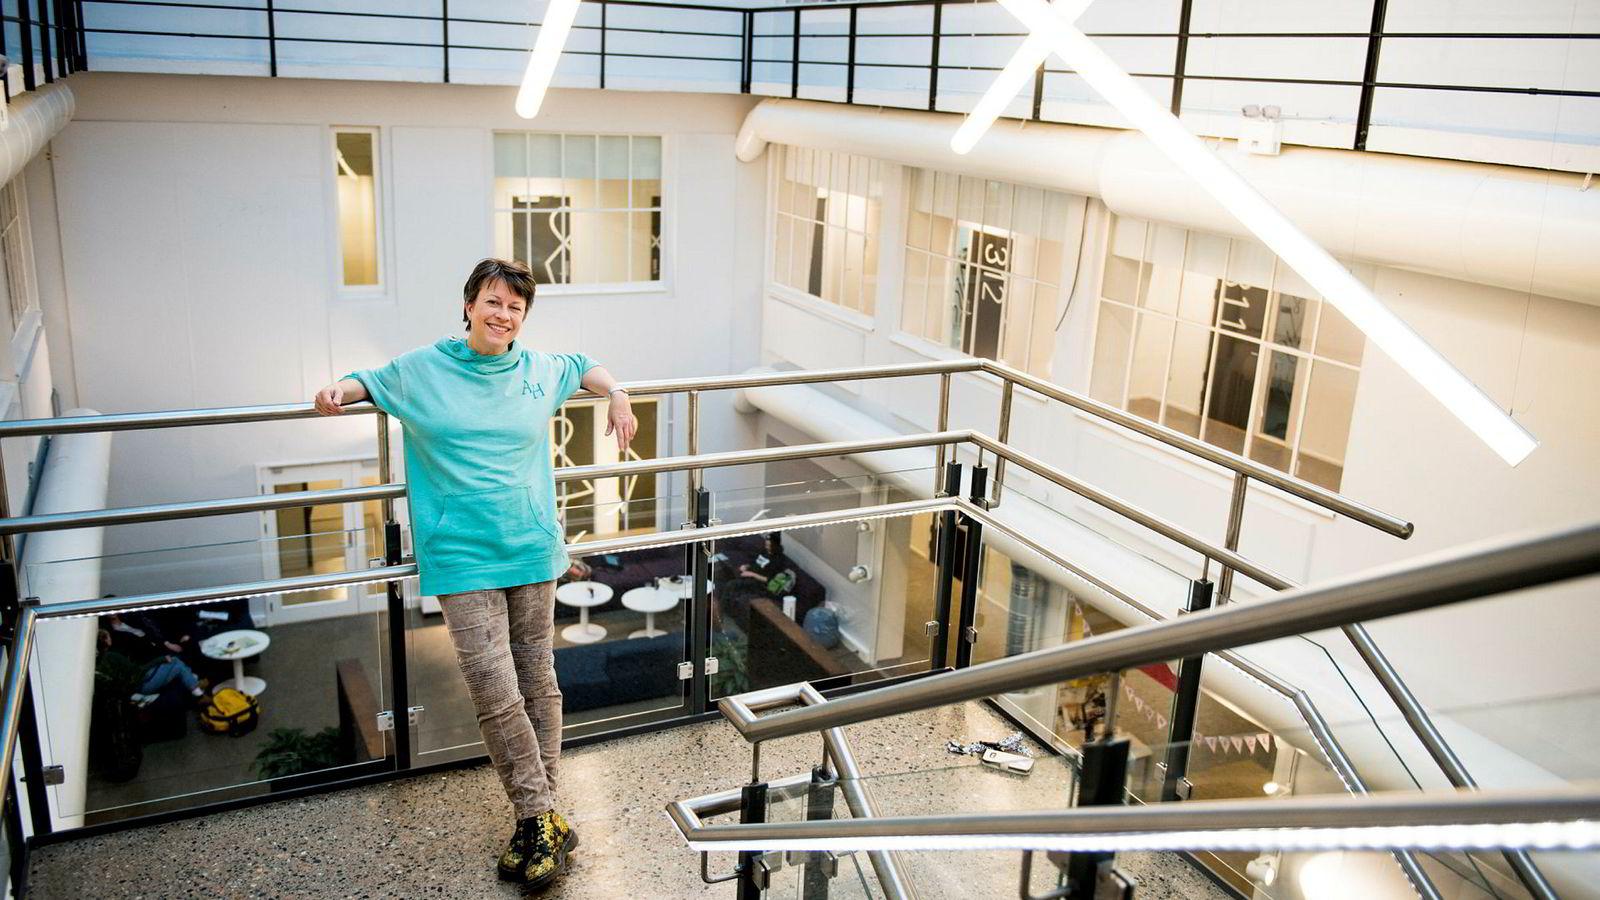 Christine Calvert, høyskolelektor på Westerdals, sier de som vil trenge gjennom i Facebooks nyhetsstrøm blir nødt til tenke nytt for å engasjere og begeistre brukerne.